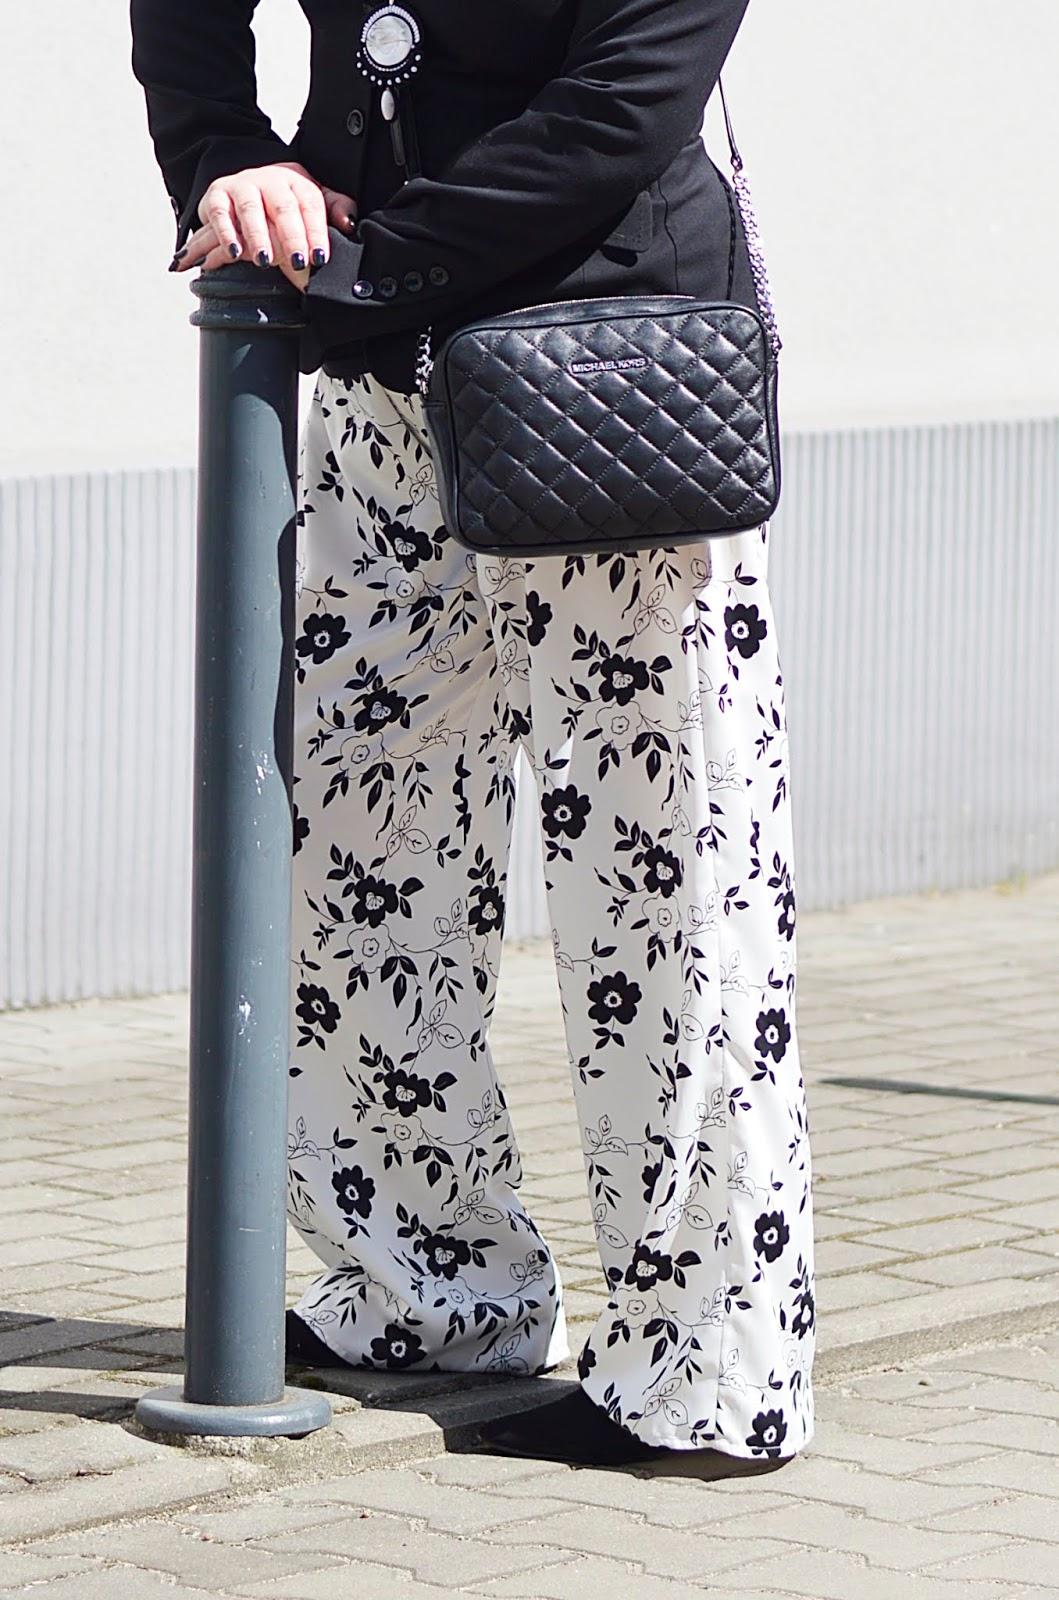 pajamas Pants, Black and white pajamas pants